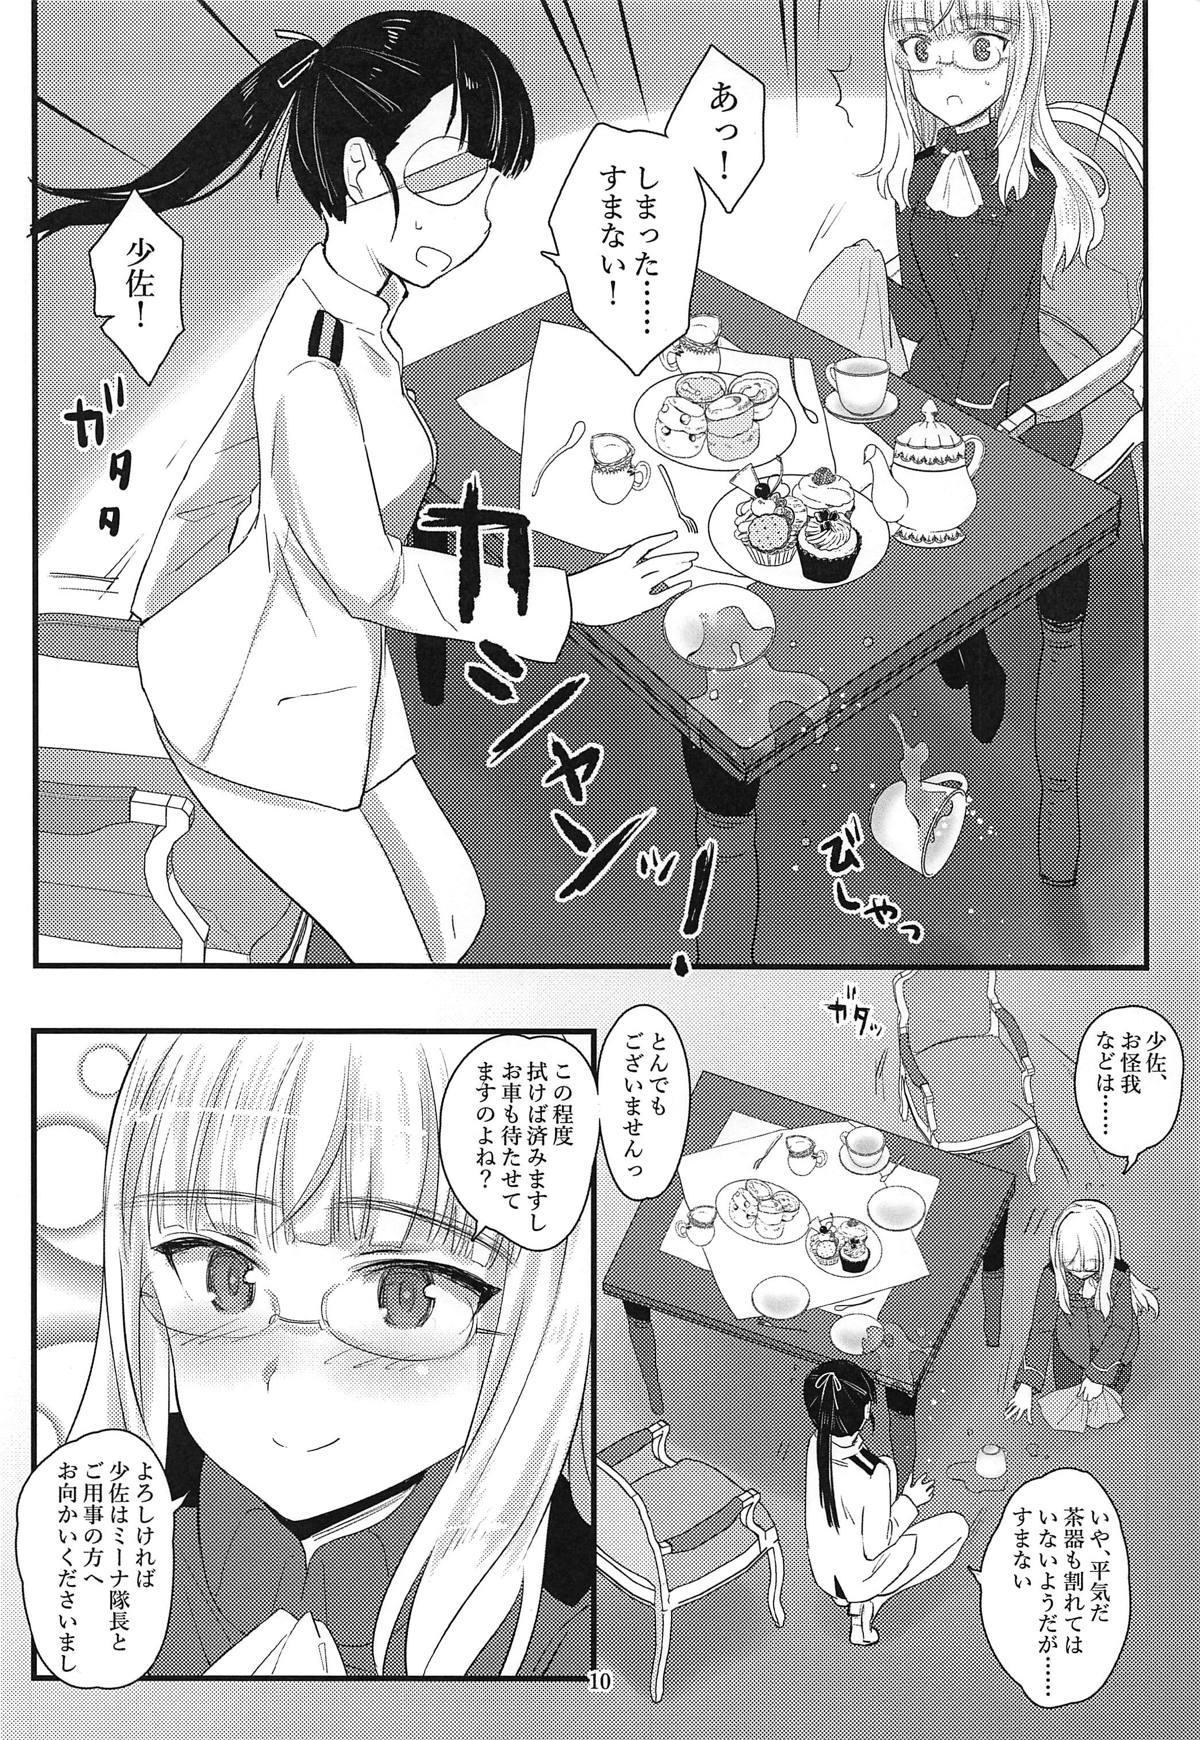 Perrine-san to Tsukue no Kado 8